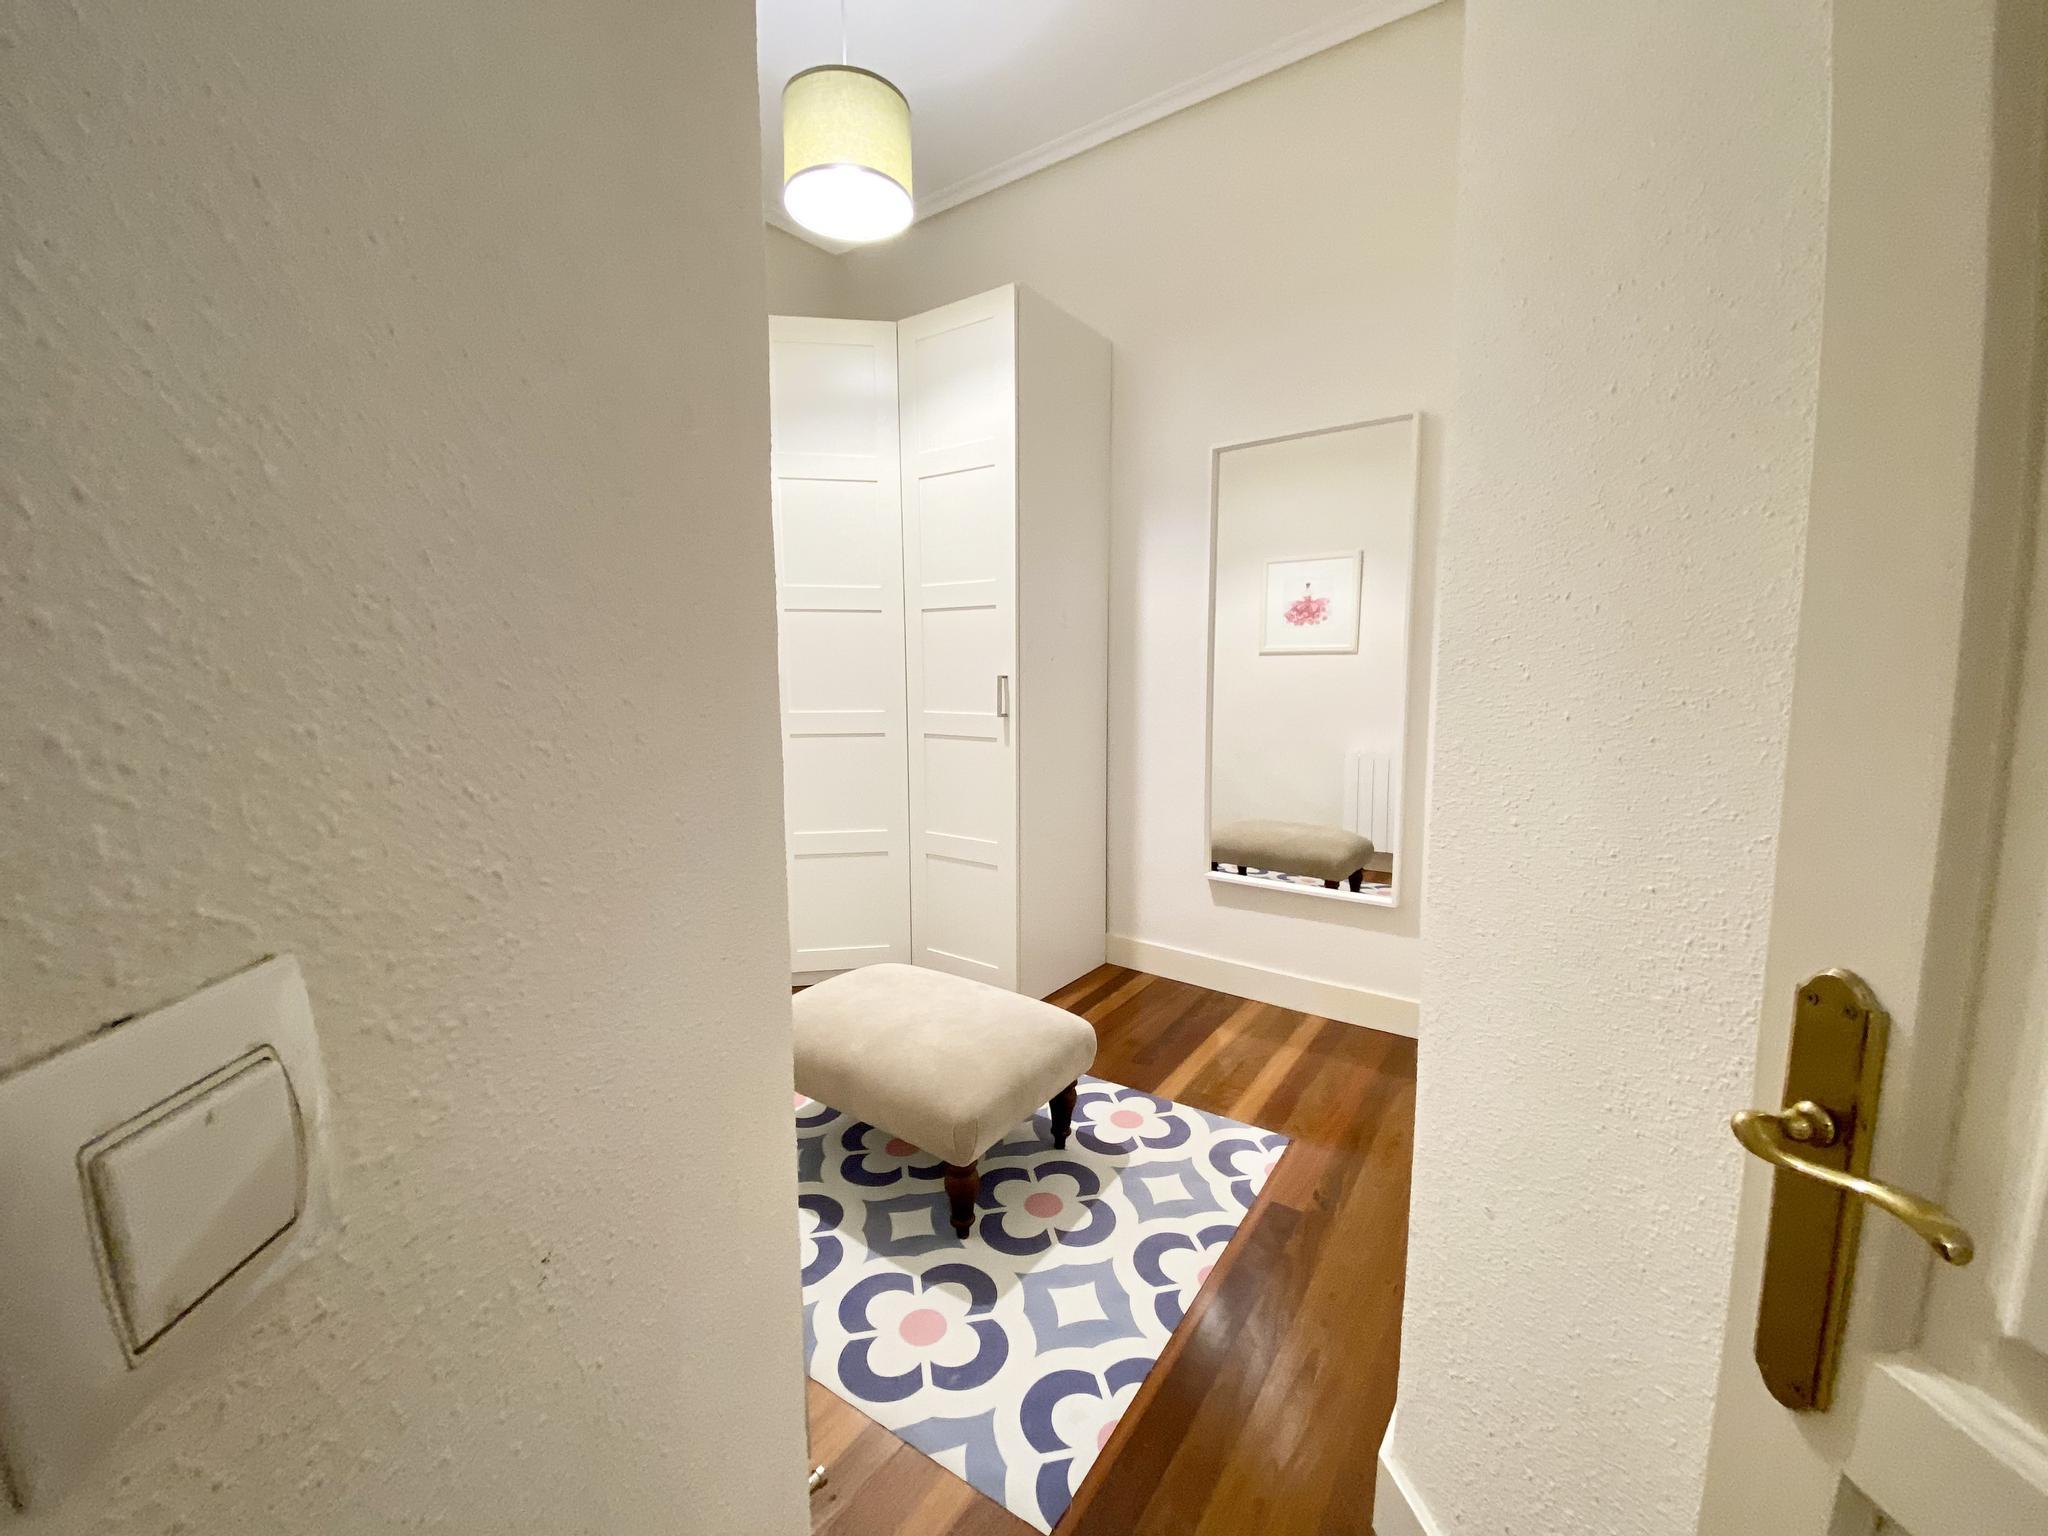 Espaciosa habitación en piso compartido en Bilbao